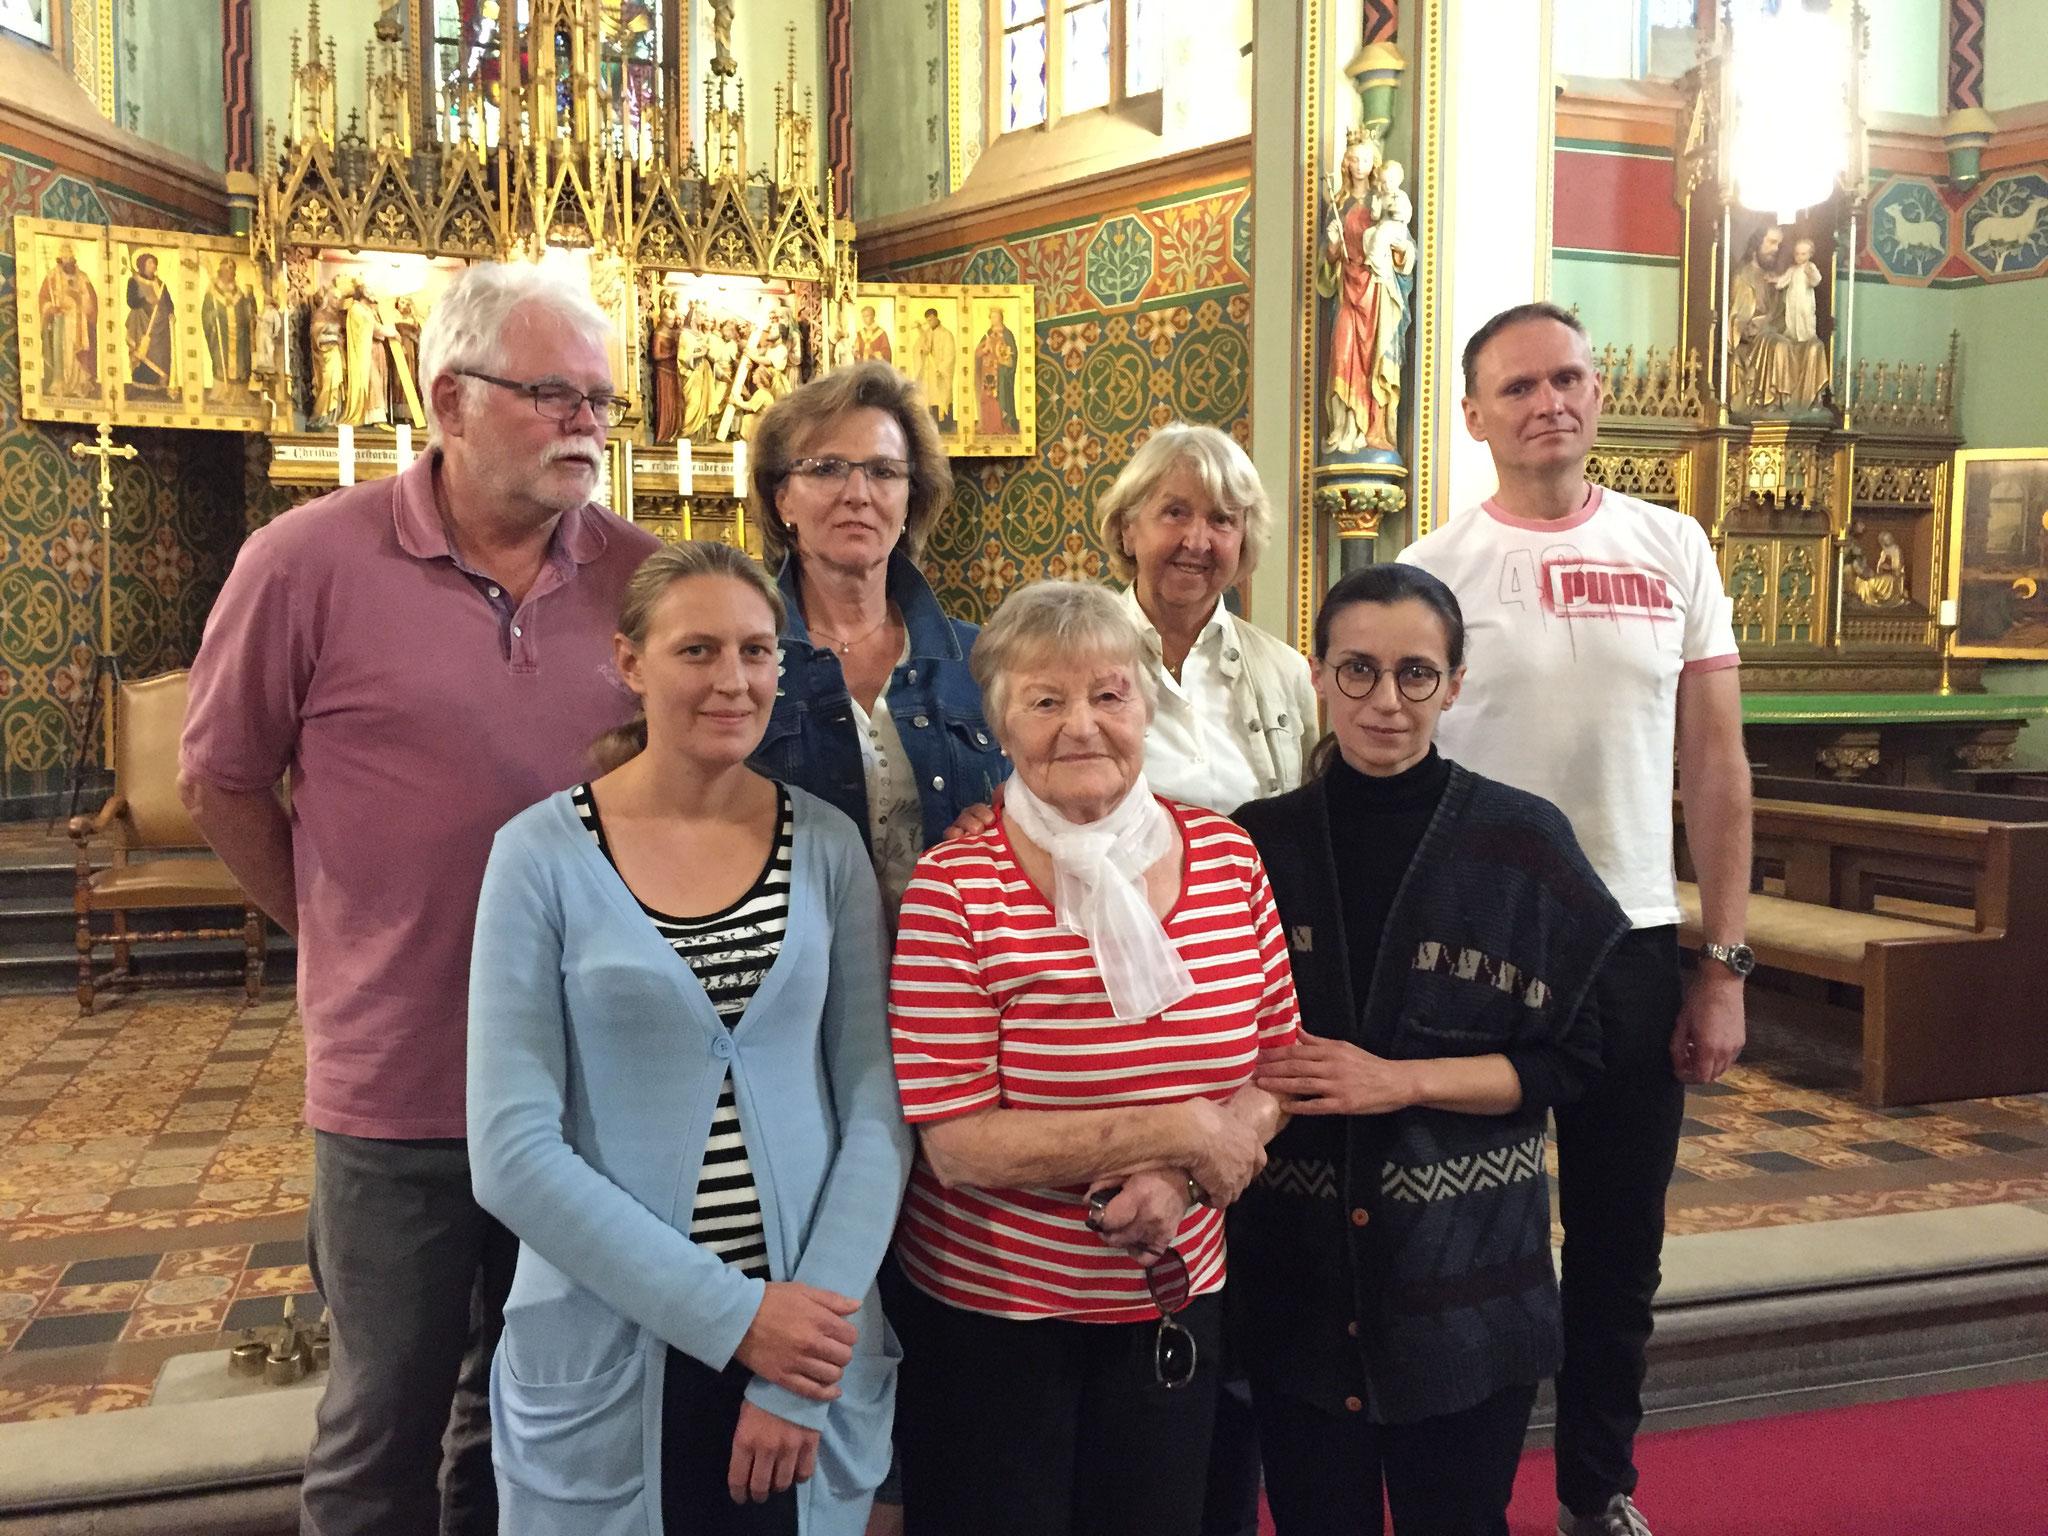 Für den Erhalt der mehr als 1300 Jahre alten Heilig-Kreuz-Kirche in Erkelenz-Keyenberg engagieren sich Ingo Bajerke (rechts) und seine Mitstreiter.